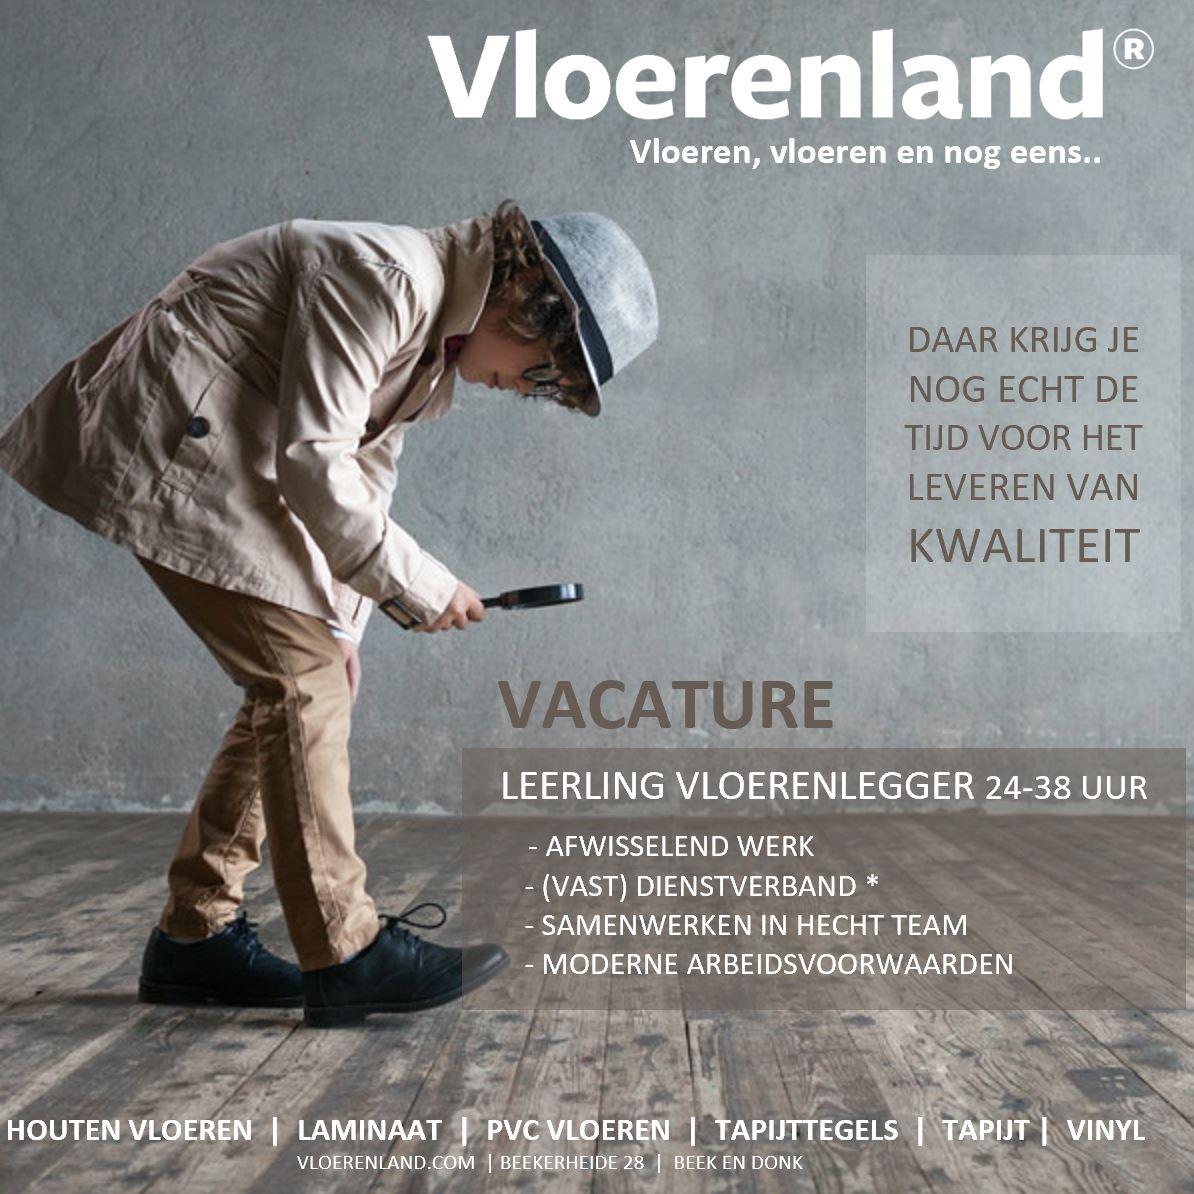 Vacatures Vloerenland